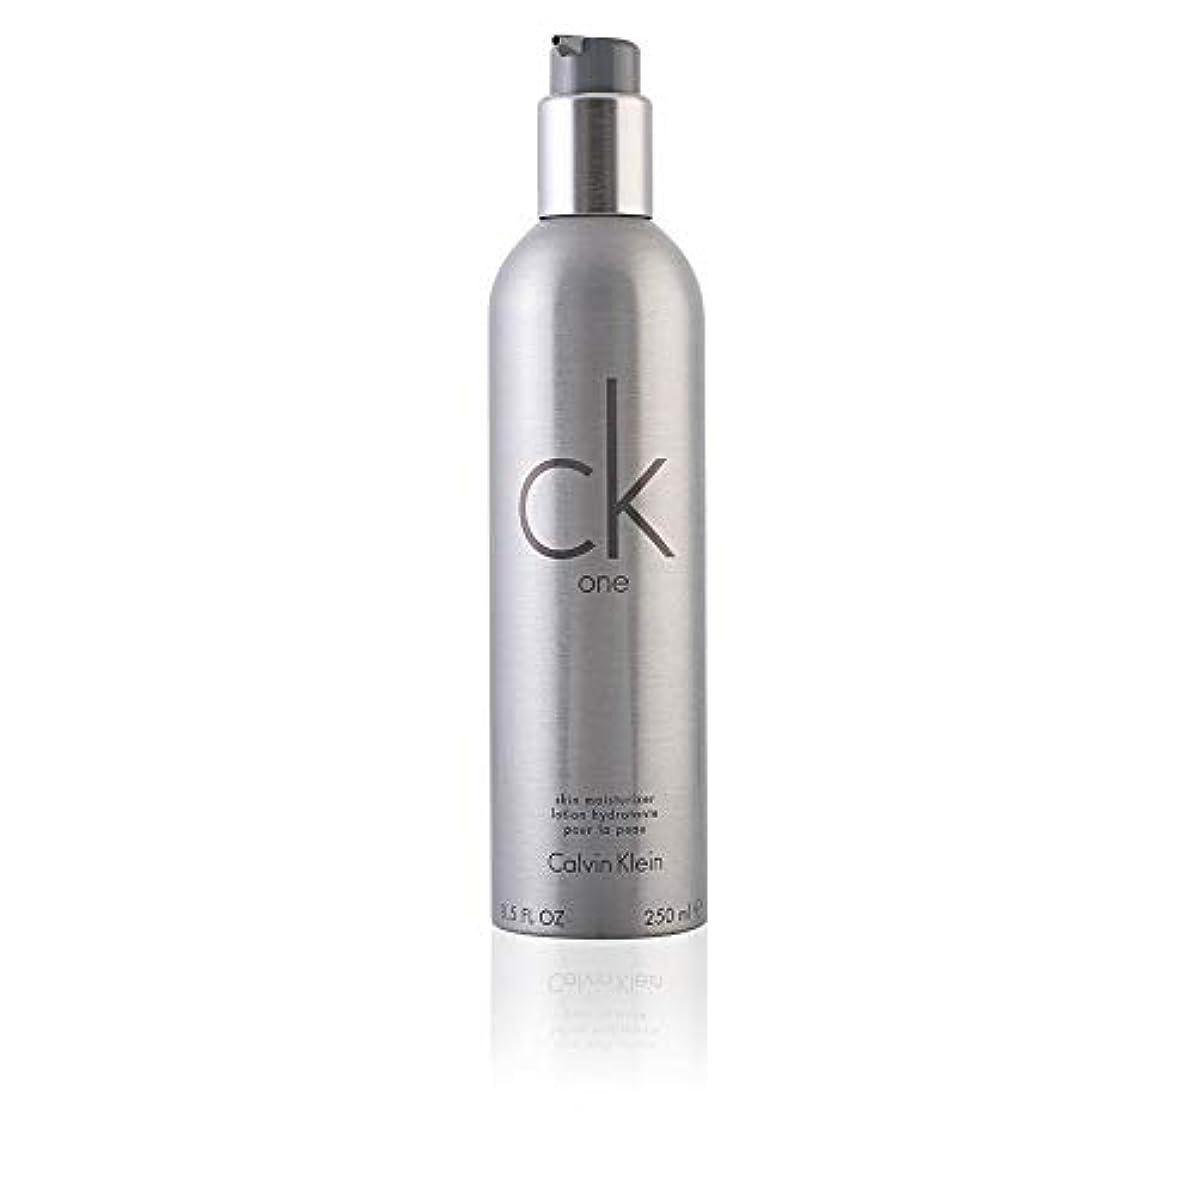 パトワ眠いです生態学Calvin Klein ONE body moisturizer 250 ml [海外直送品] [並行輸入品]